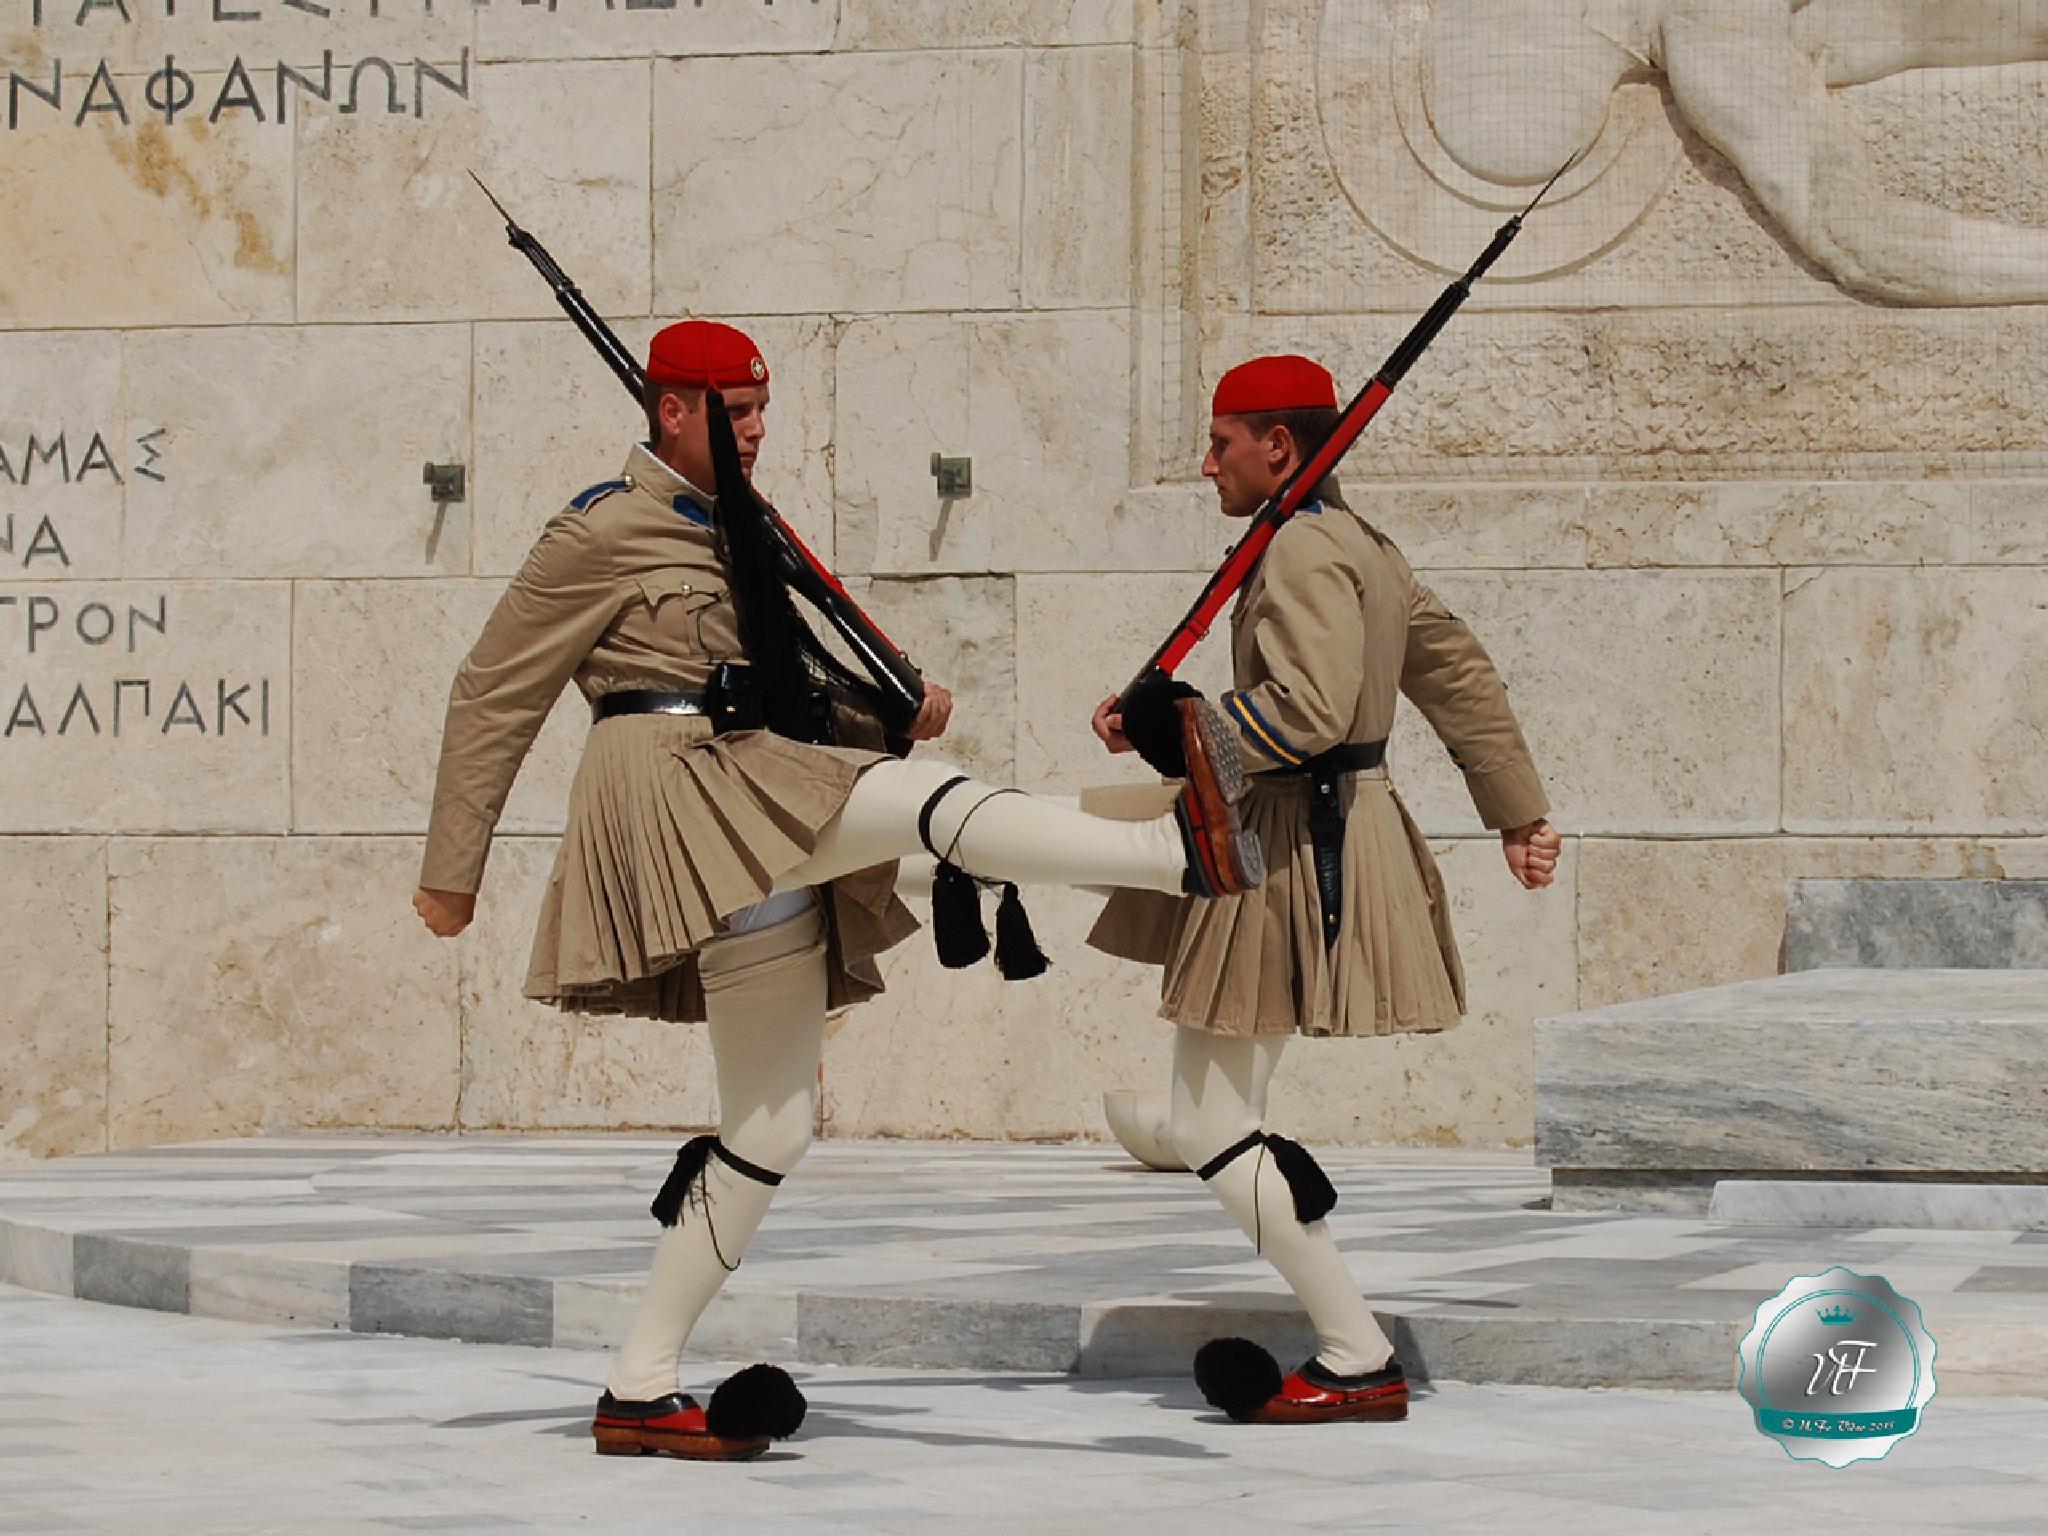 Atene - Cambio della guardia 1 by Umberto Fontana